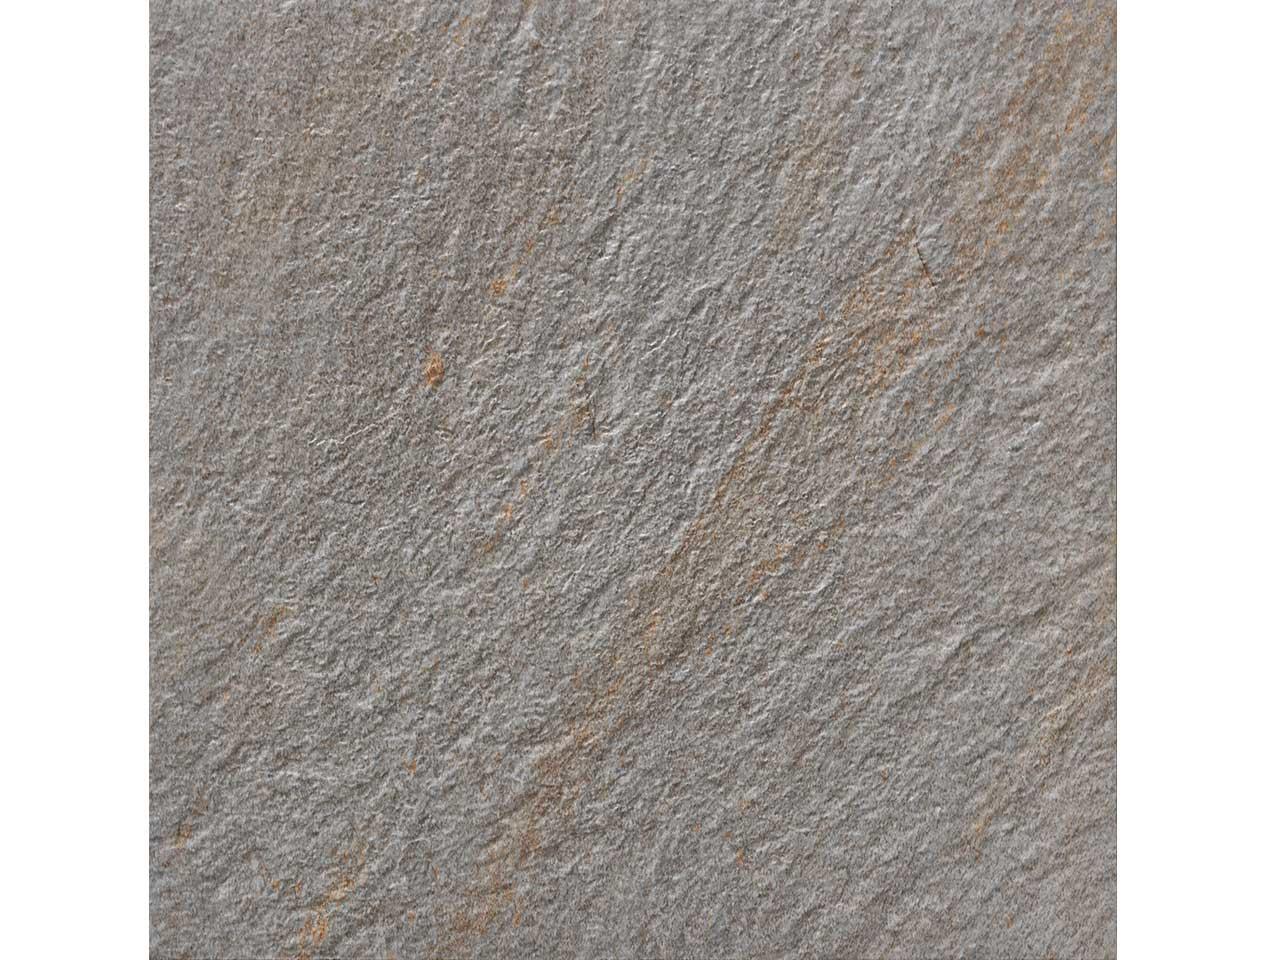 Varana grigio 34x34 iperceramica for Piastrelle x esterno